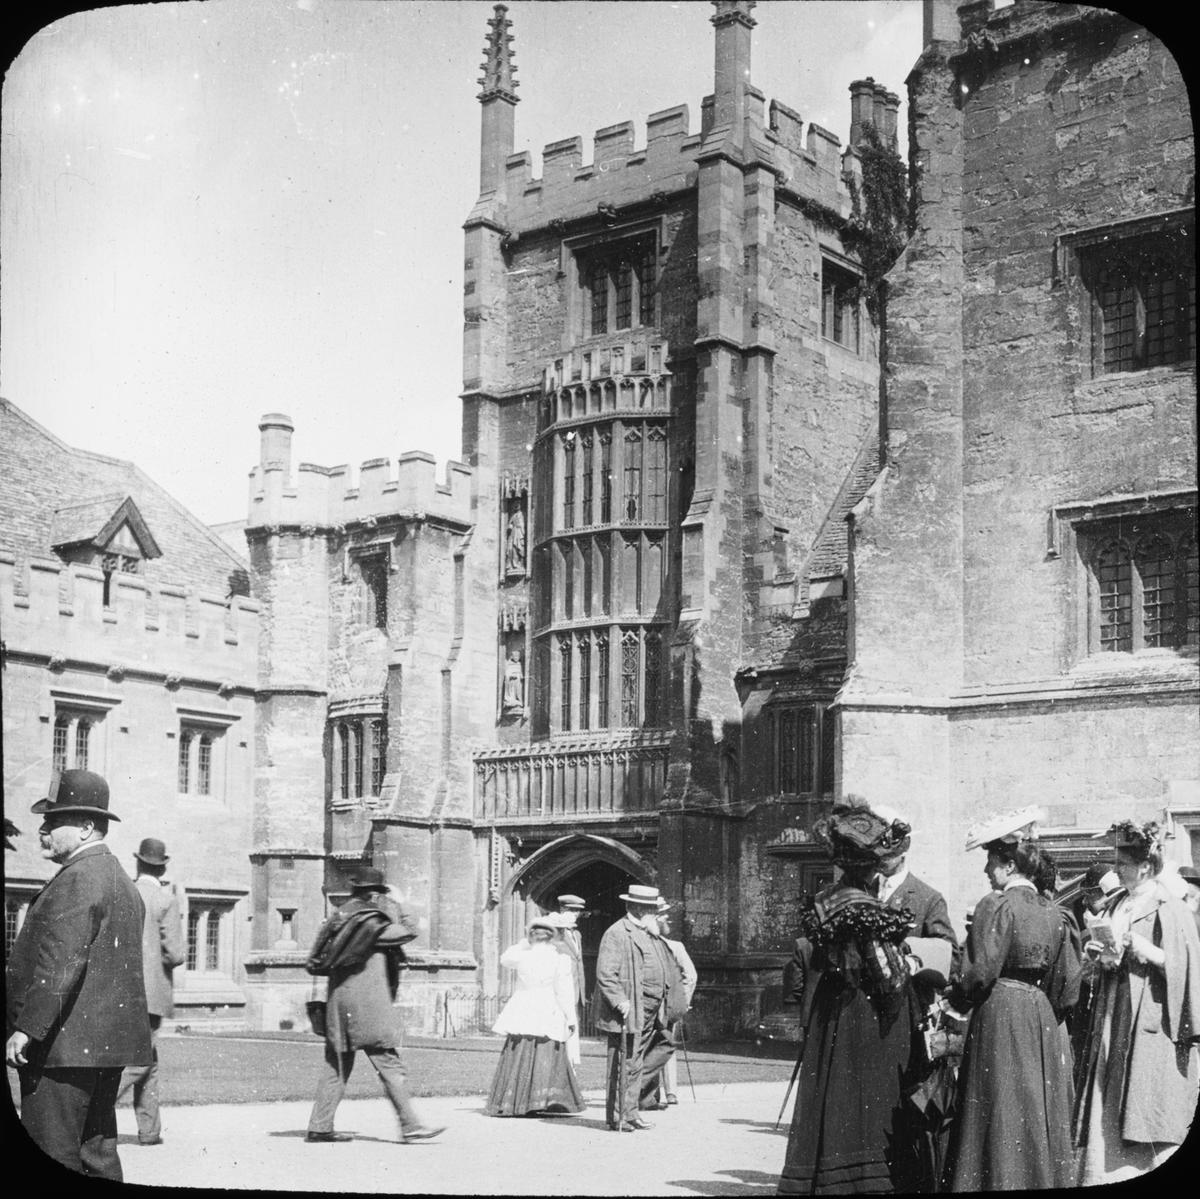 Skioptikonbild med motiv av Founders Tower, Magdalen College, Oxford. Bilden har förvarats i kartong märkt: Oxford 1906